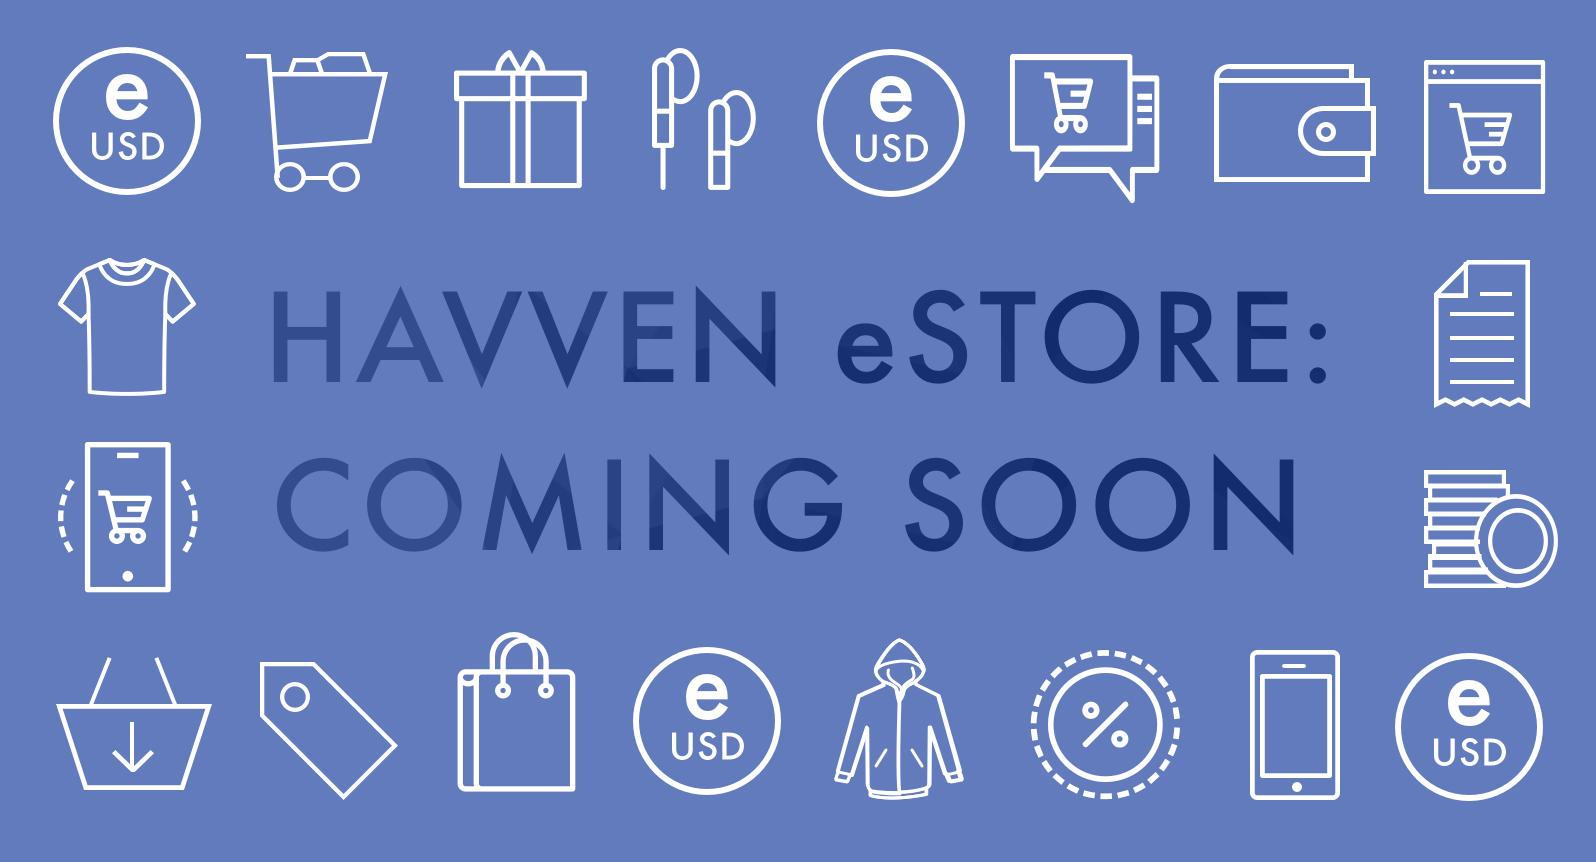 The Havven eStore is coming!